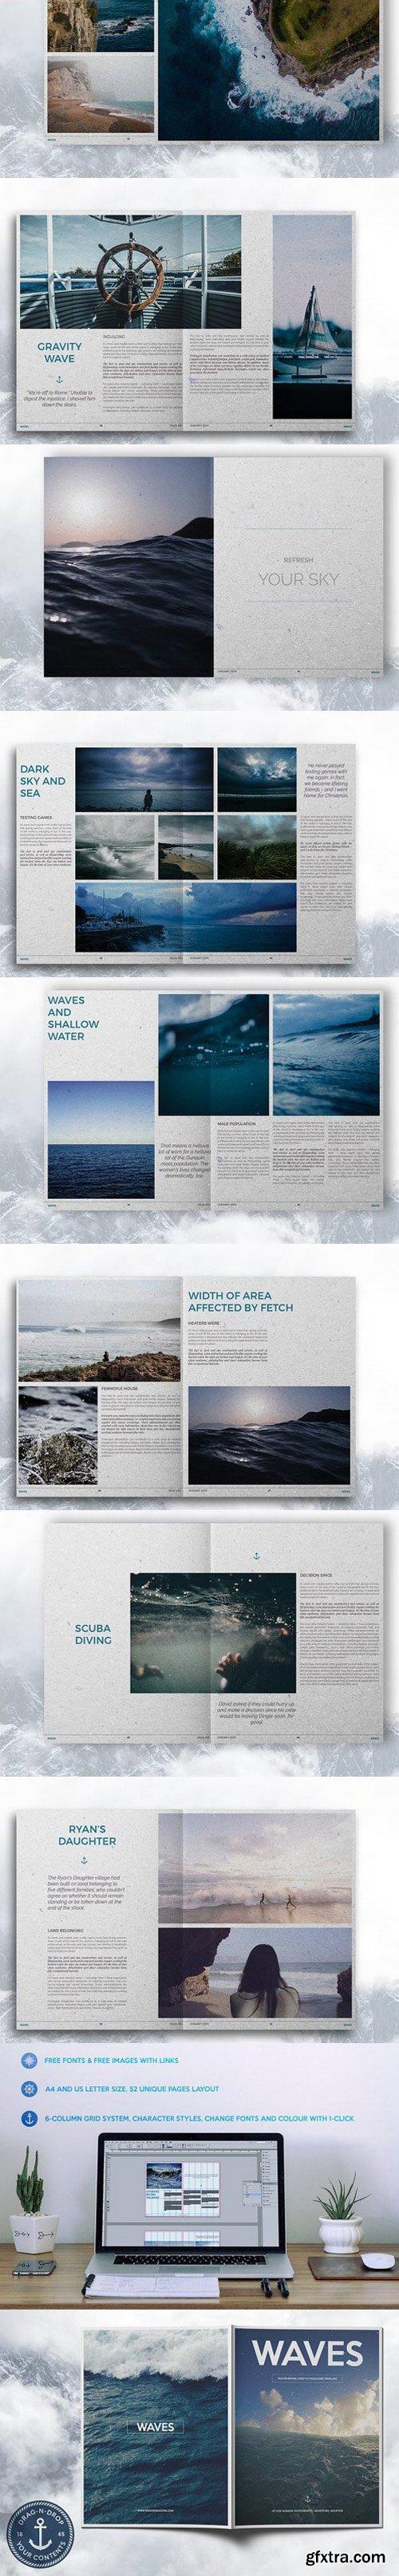 CM - W A V E S Magazine 992513